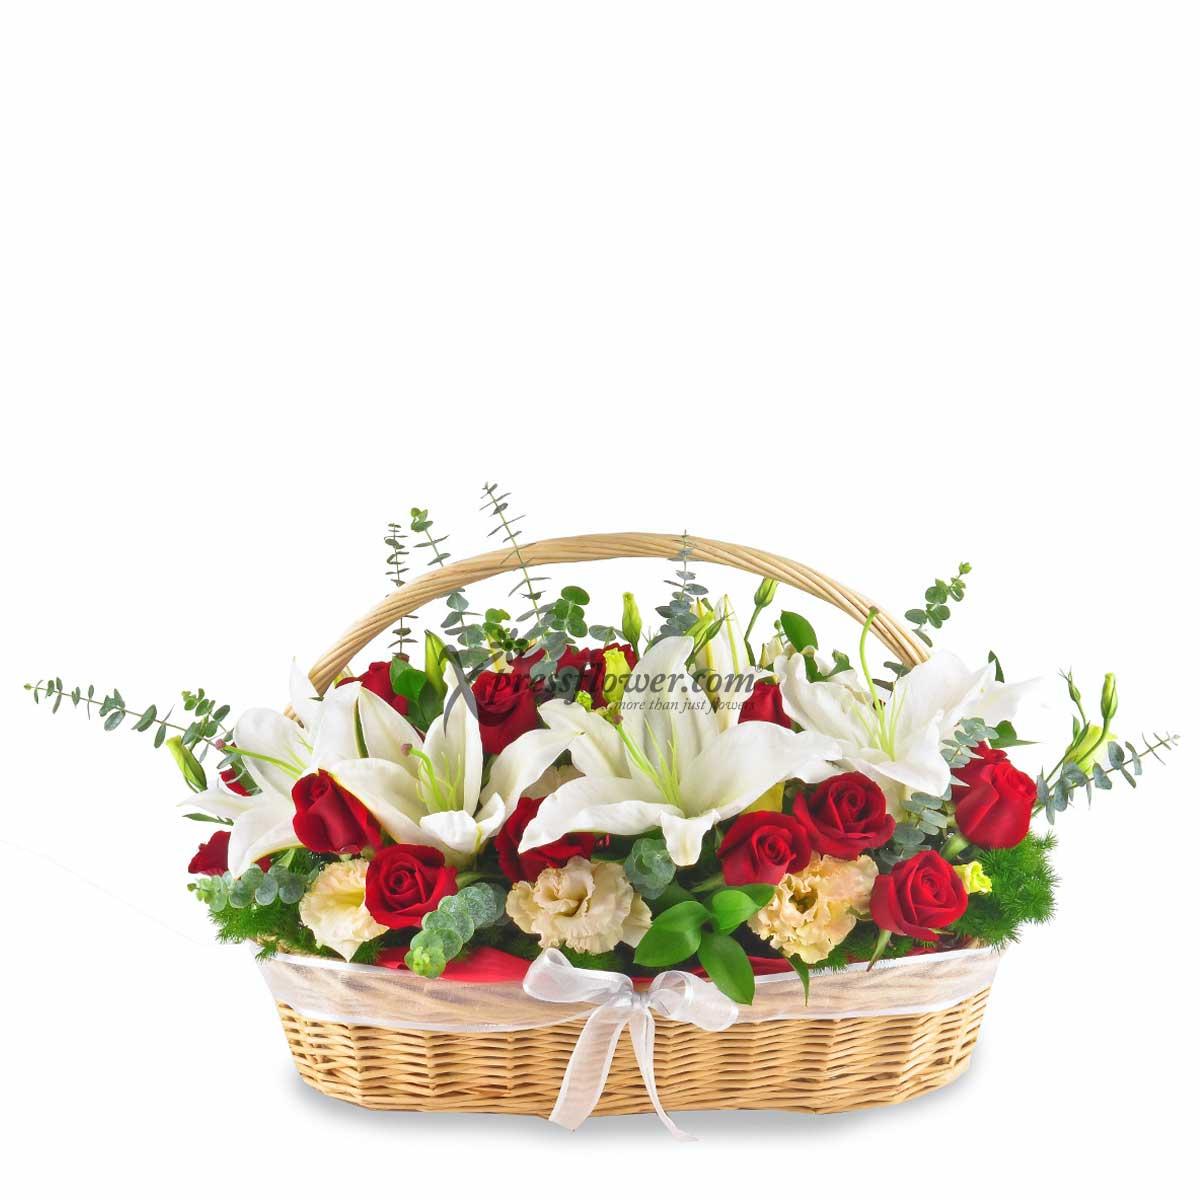 Beauty in a Basket